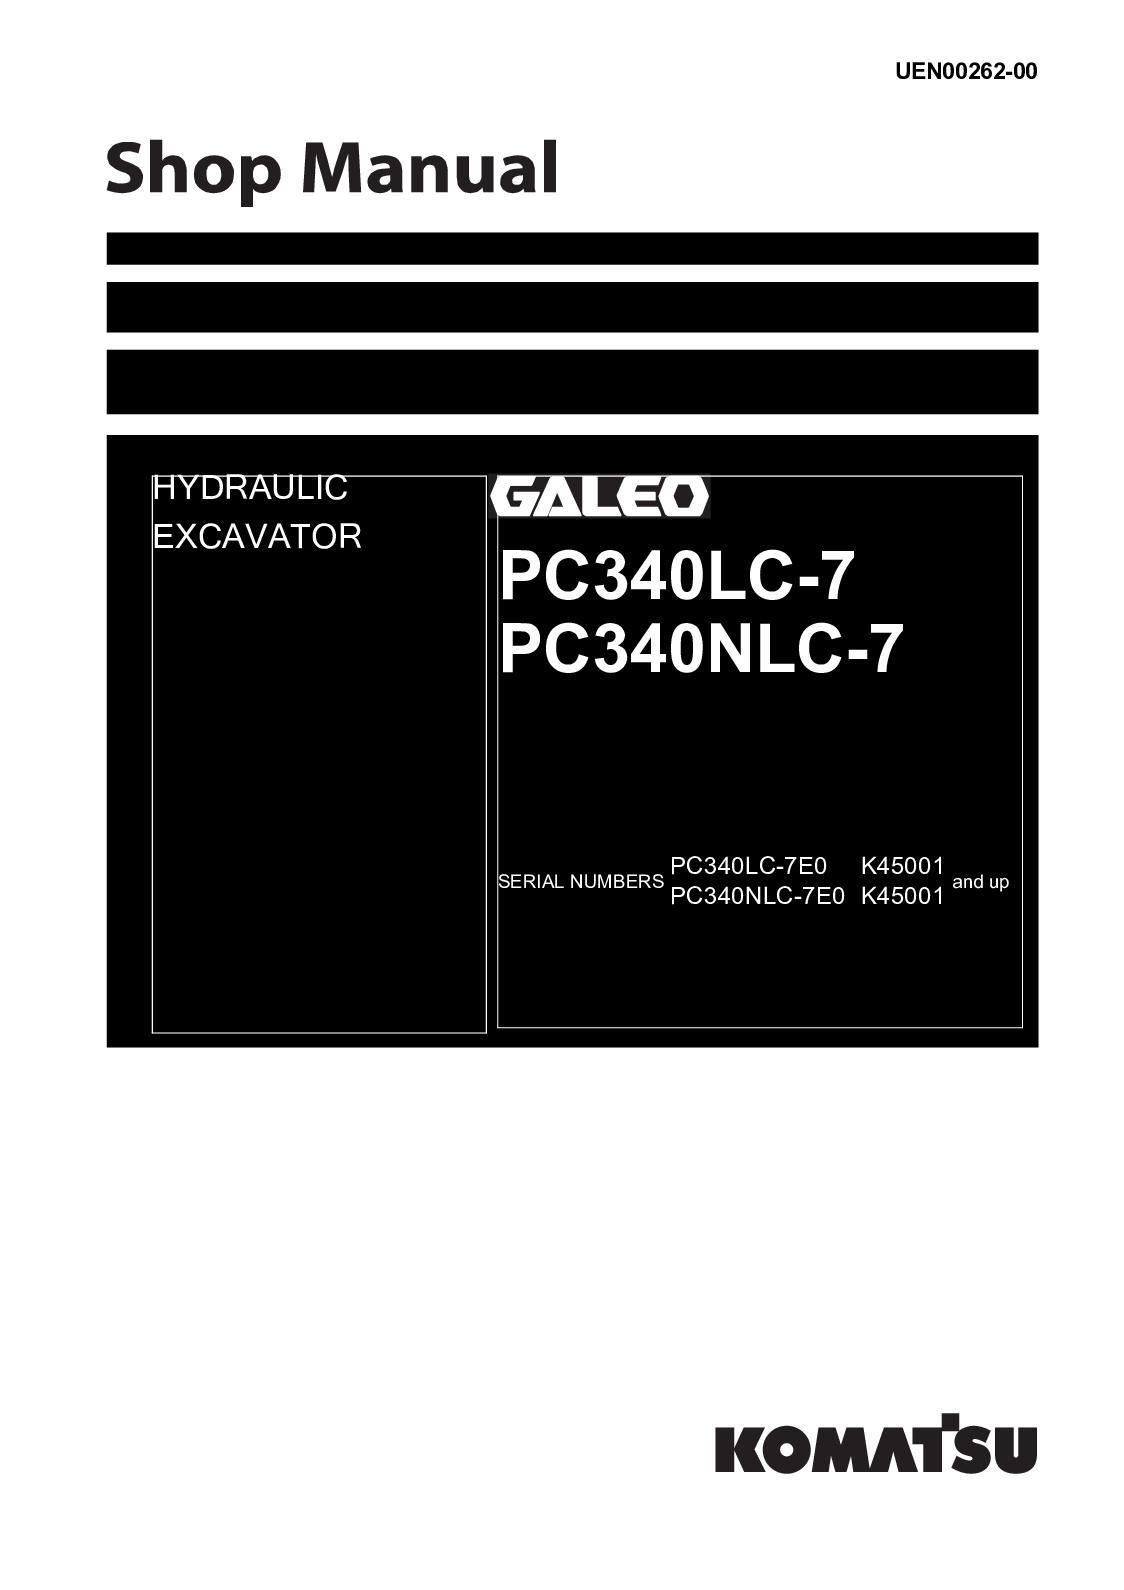 TÉLÉCHARGER SOMACHINE BASIC 1.5 GRATUIT